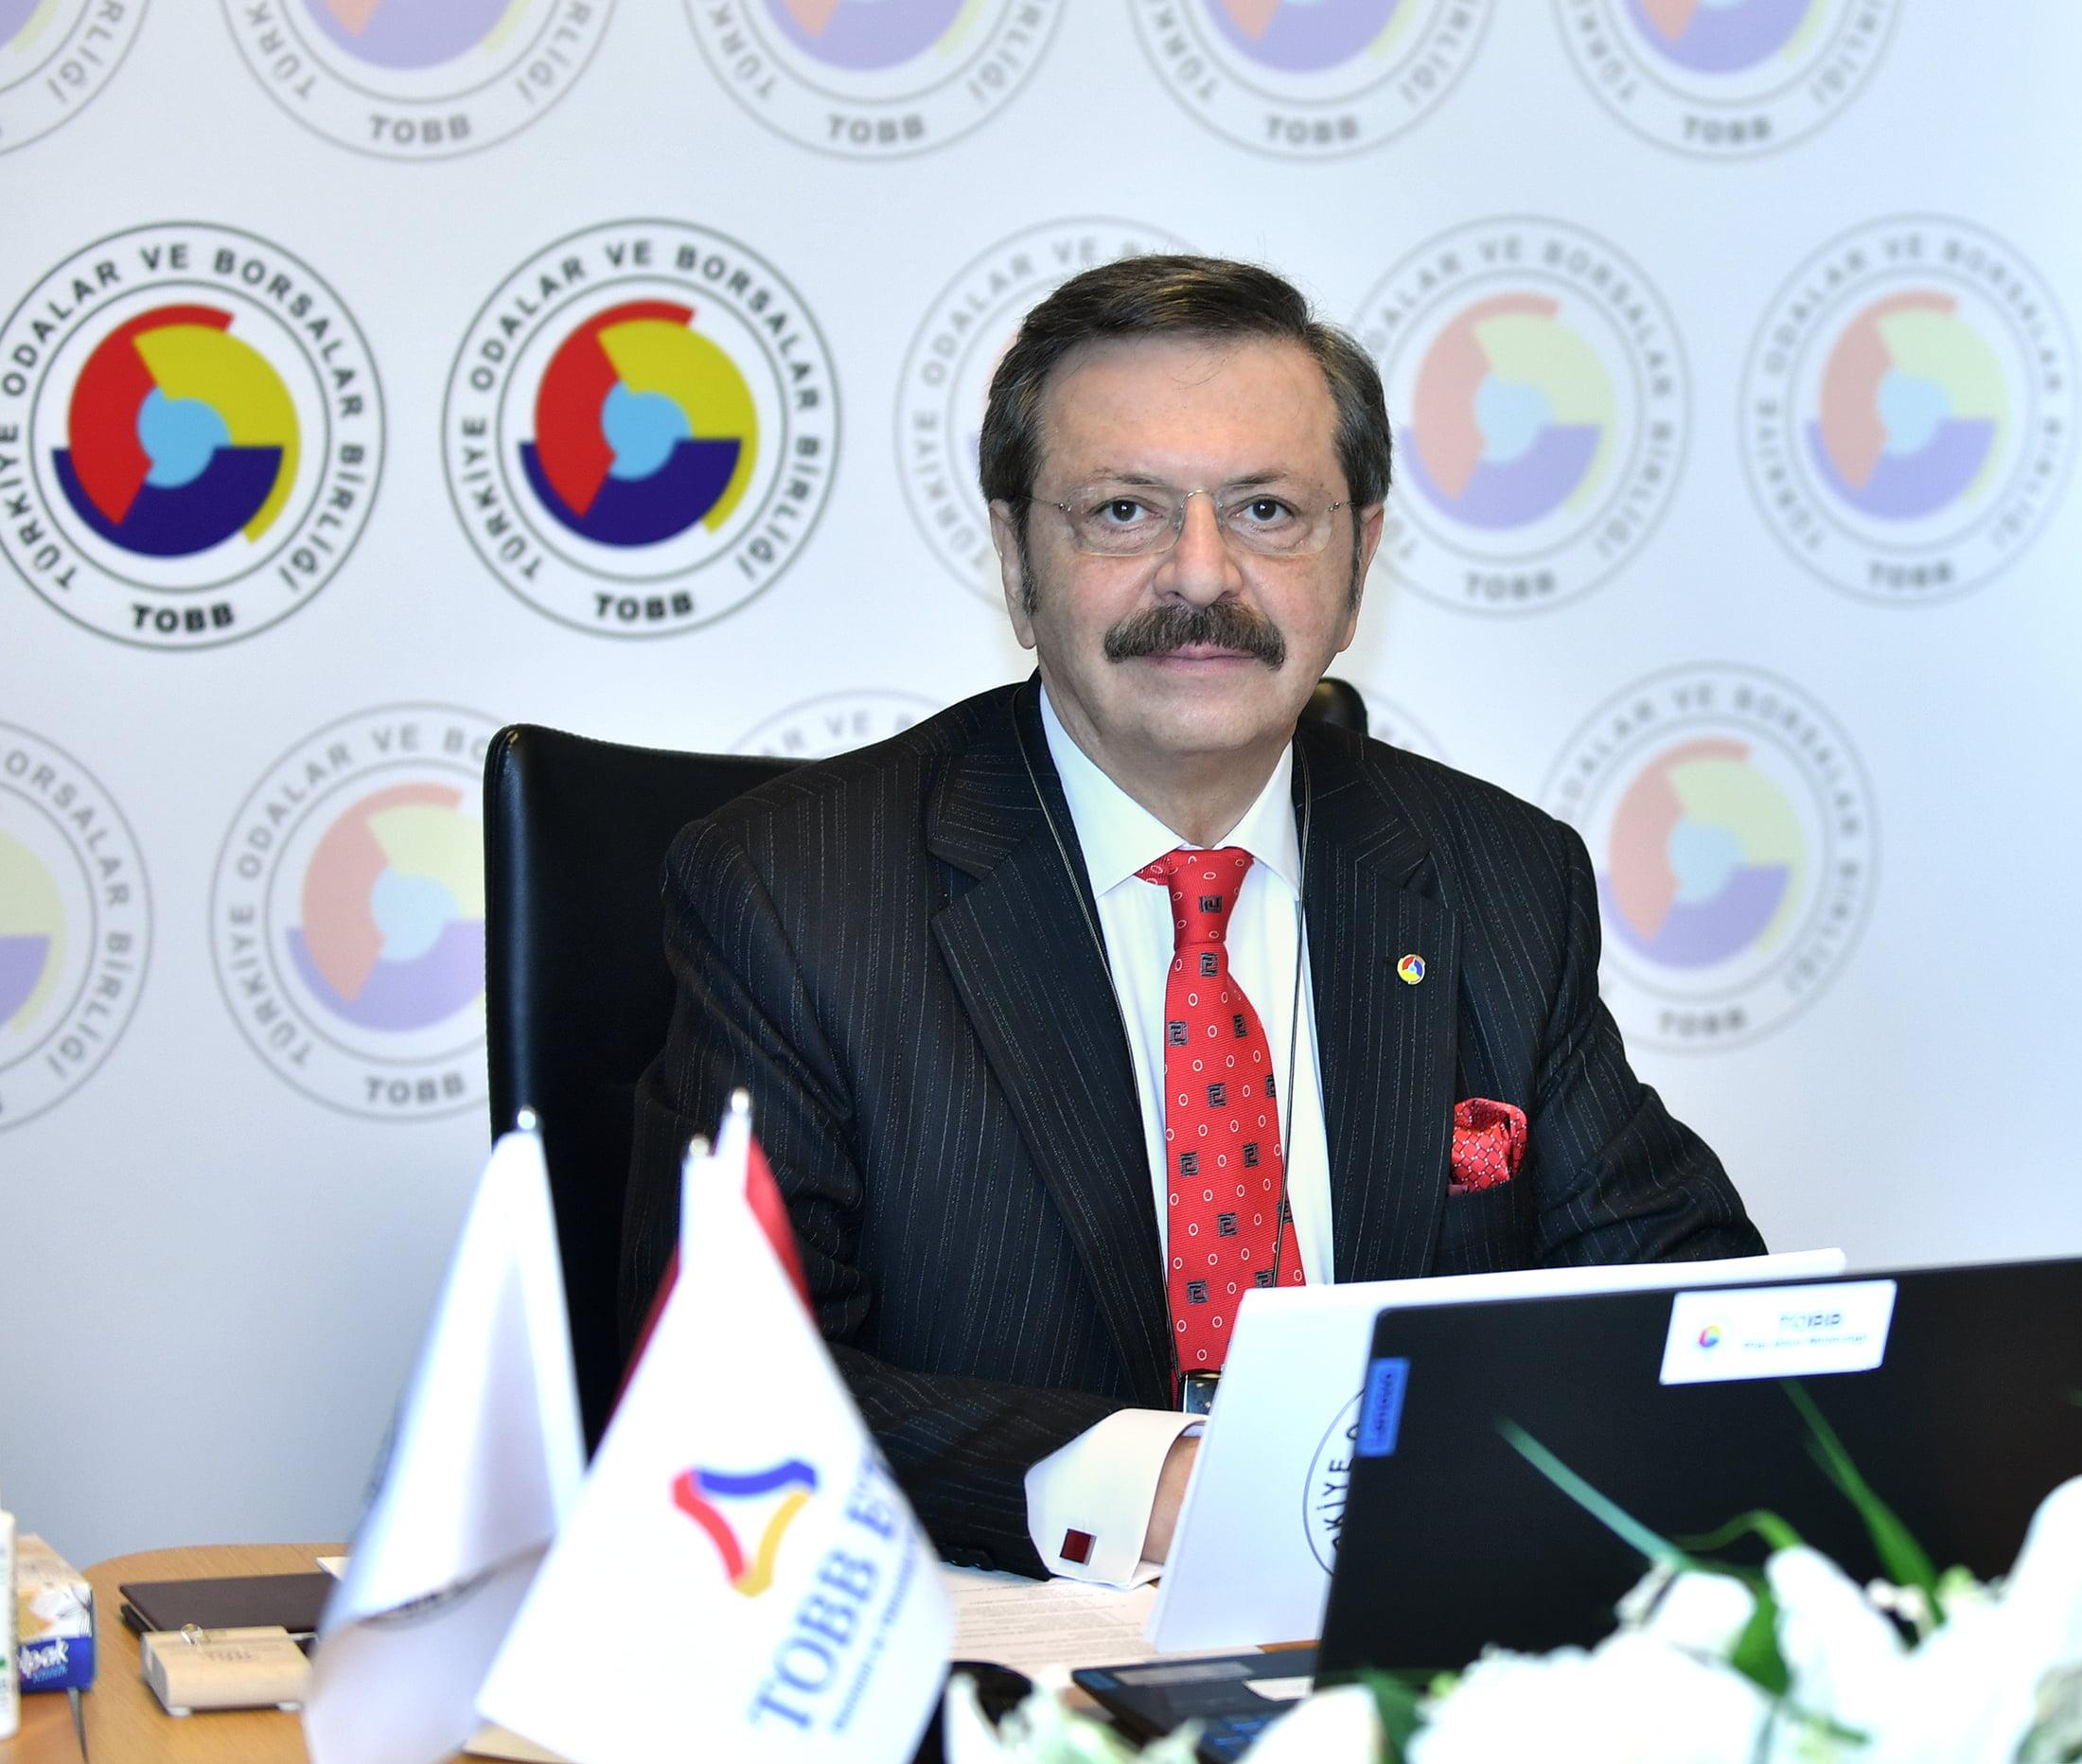 İTSO Başkanı Yılmaz, Video Konferans Aracılığıyla Akdeniz Bölge Toplantısına Katıldı